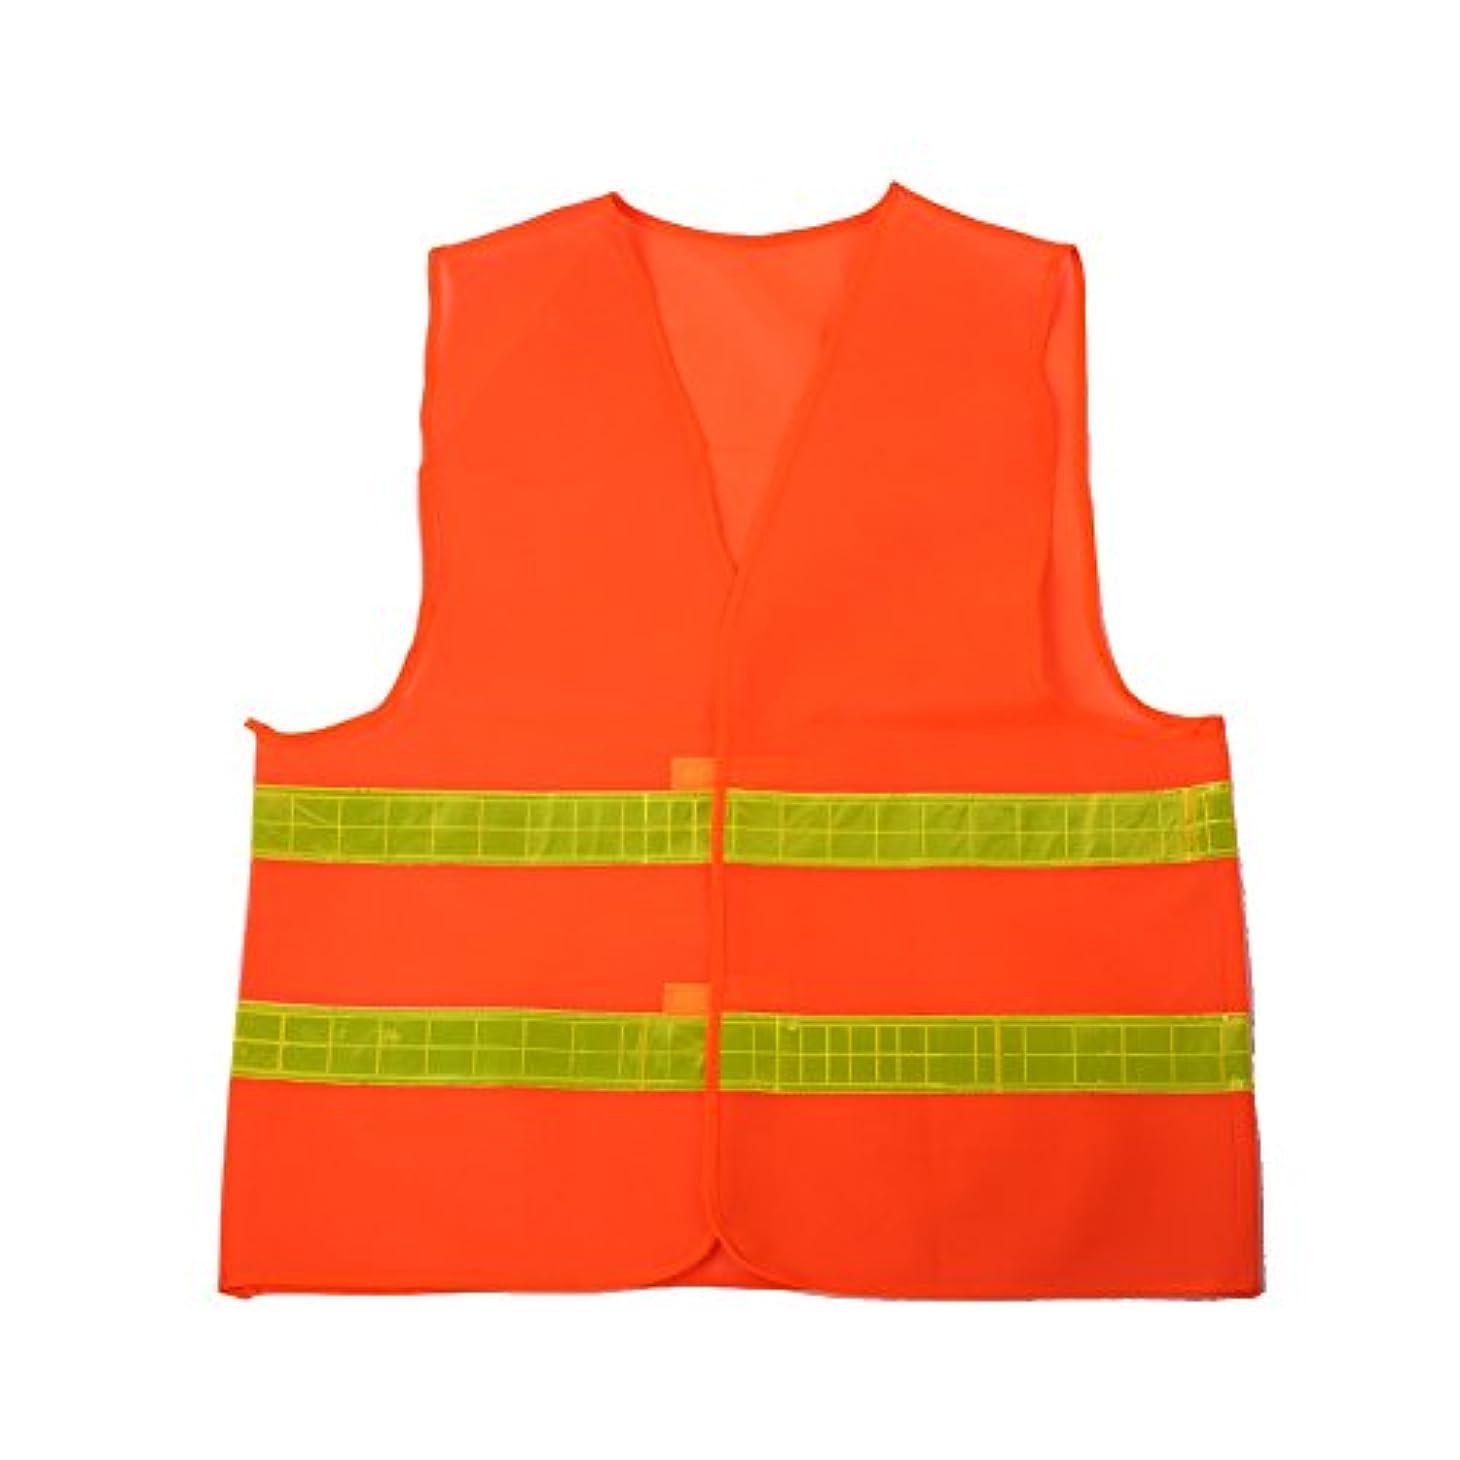 直接り閉塞attachmenttou安全ベスト反射服プレミアム 安全性赤の高い視認性のユニフォームを着用